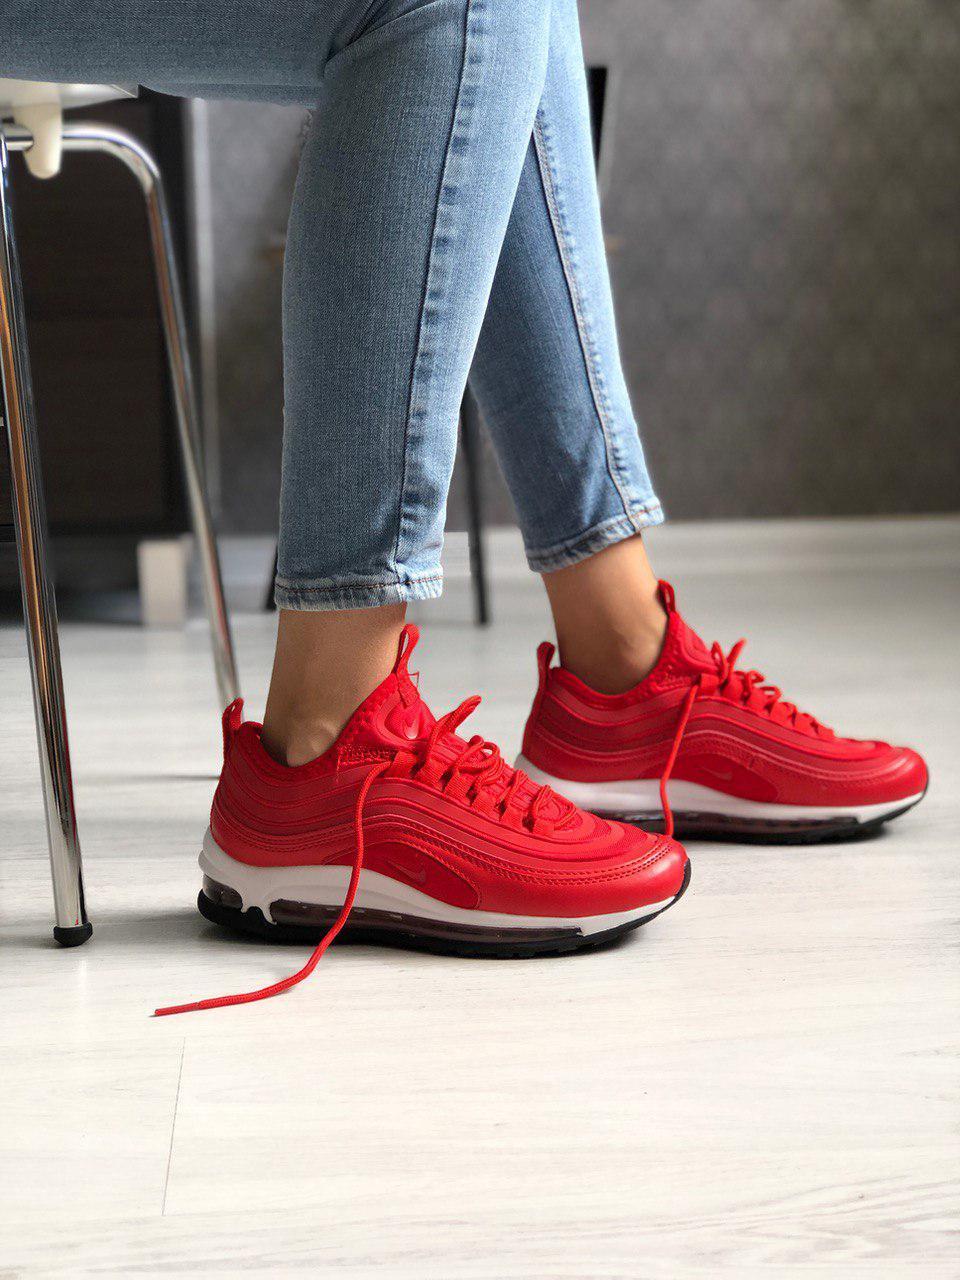 Женские кроссовки Nike Air Max 97 Ultra из натуральной кожи и текстиля, 5 цветов